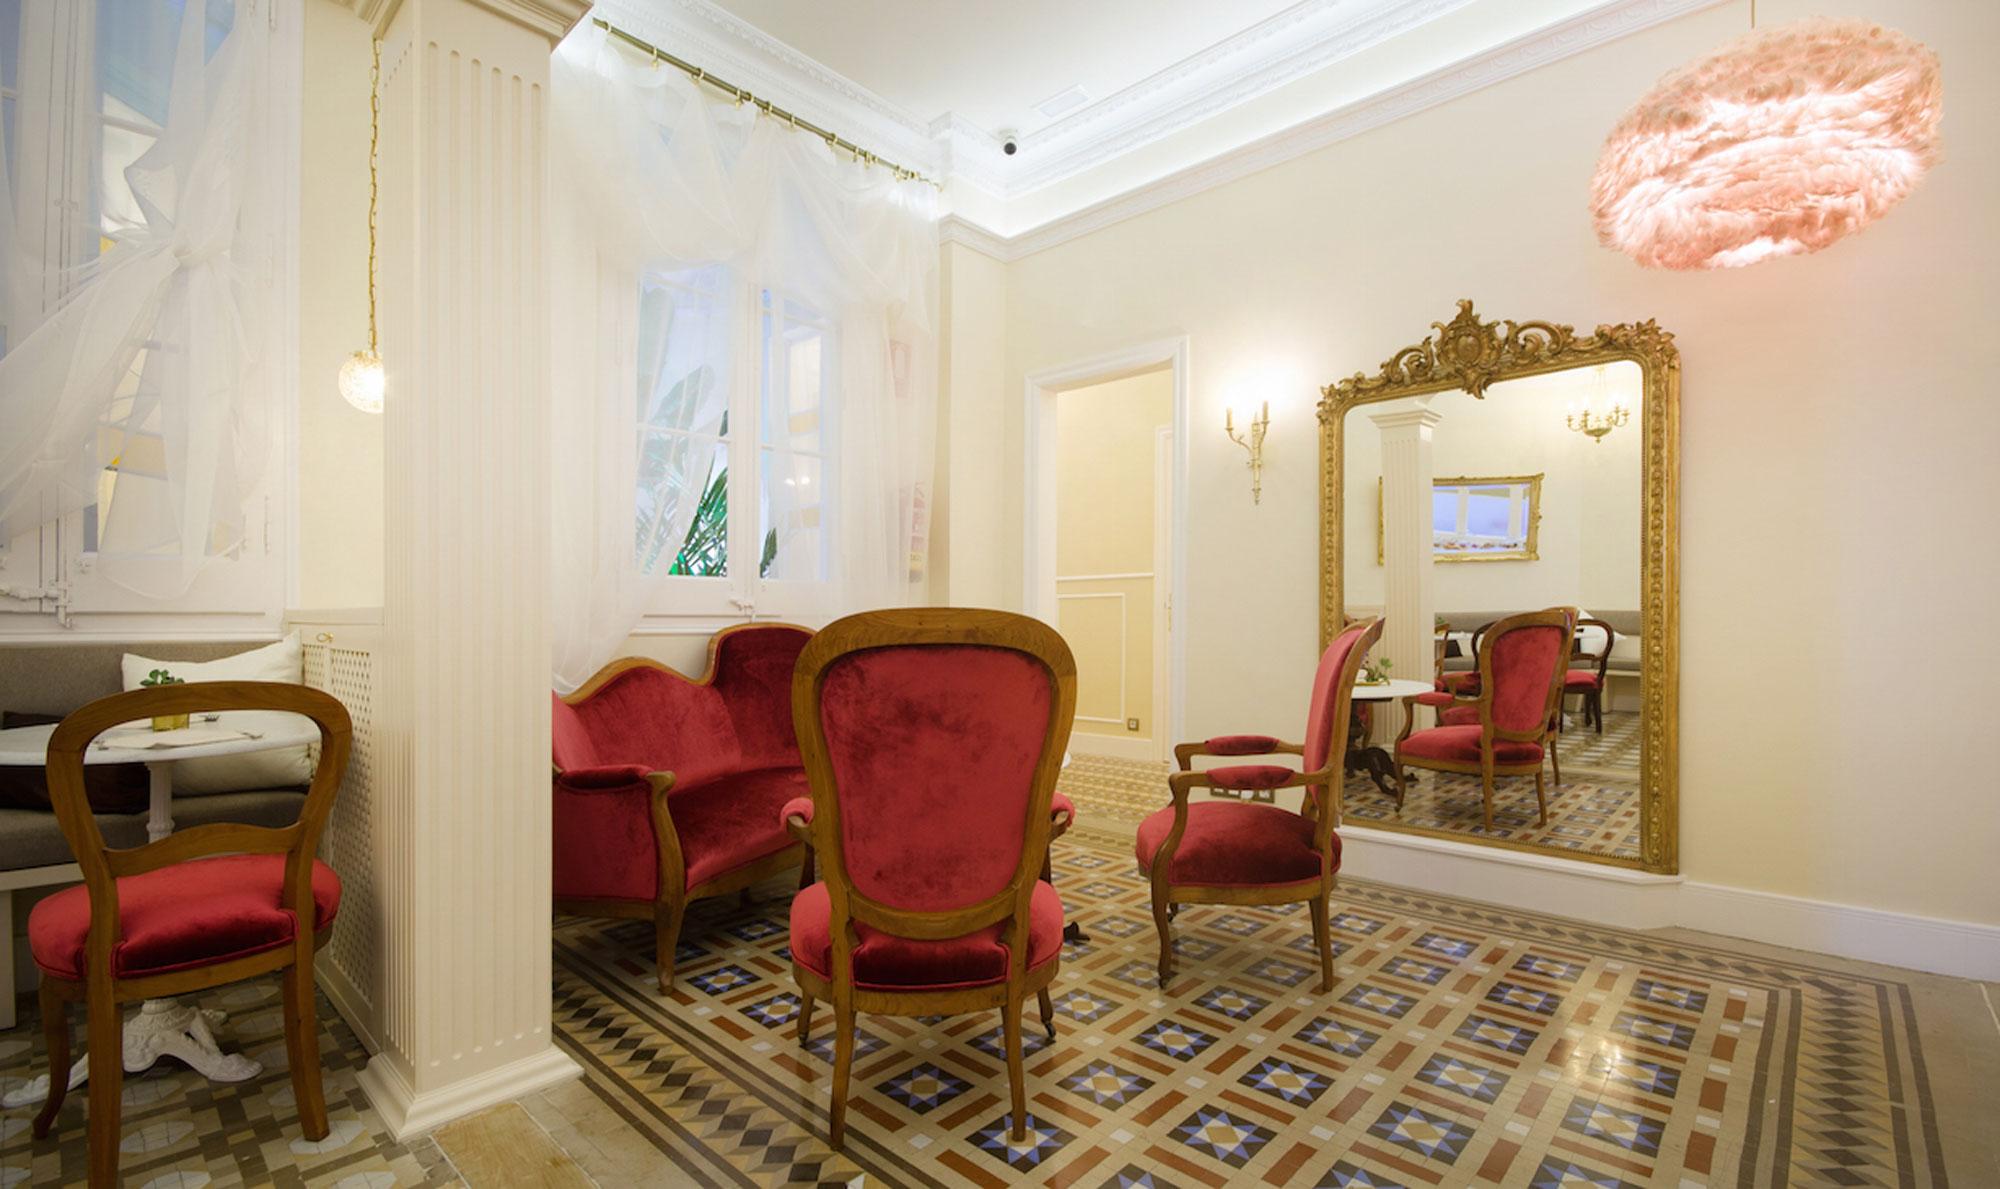 Projectes d'instal·lacions per a un hotel a Barcelona